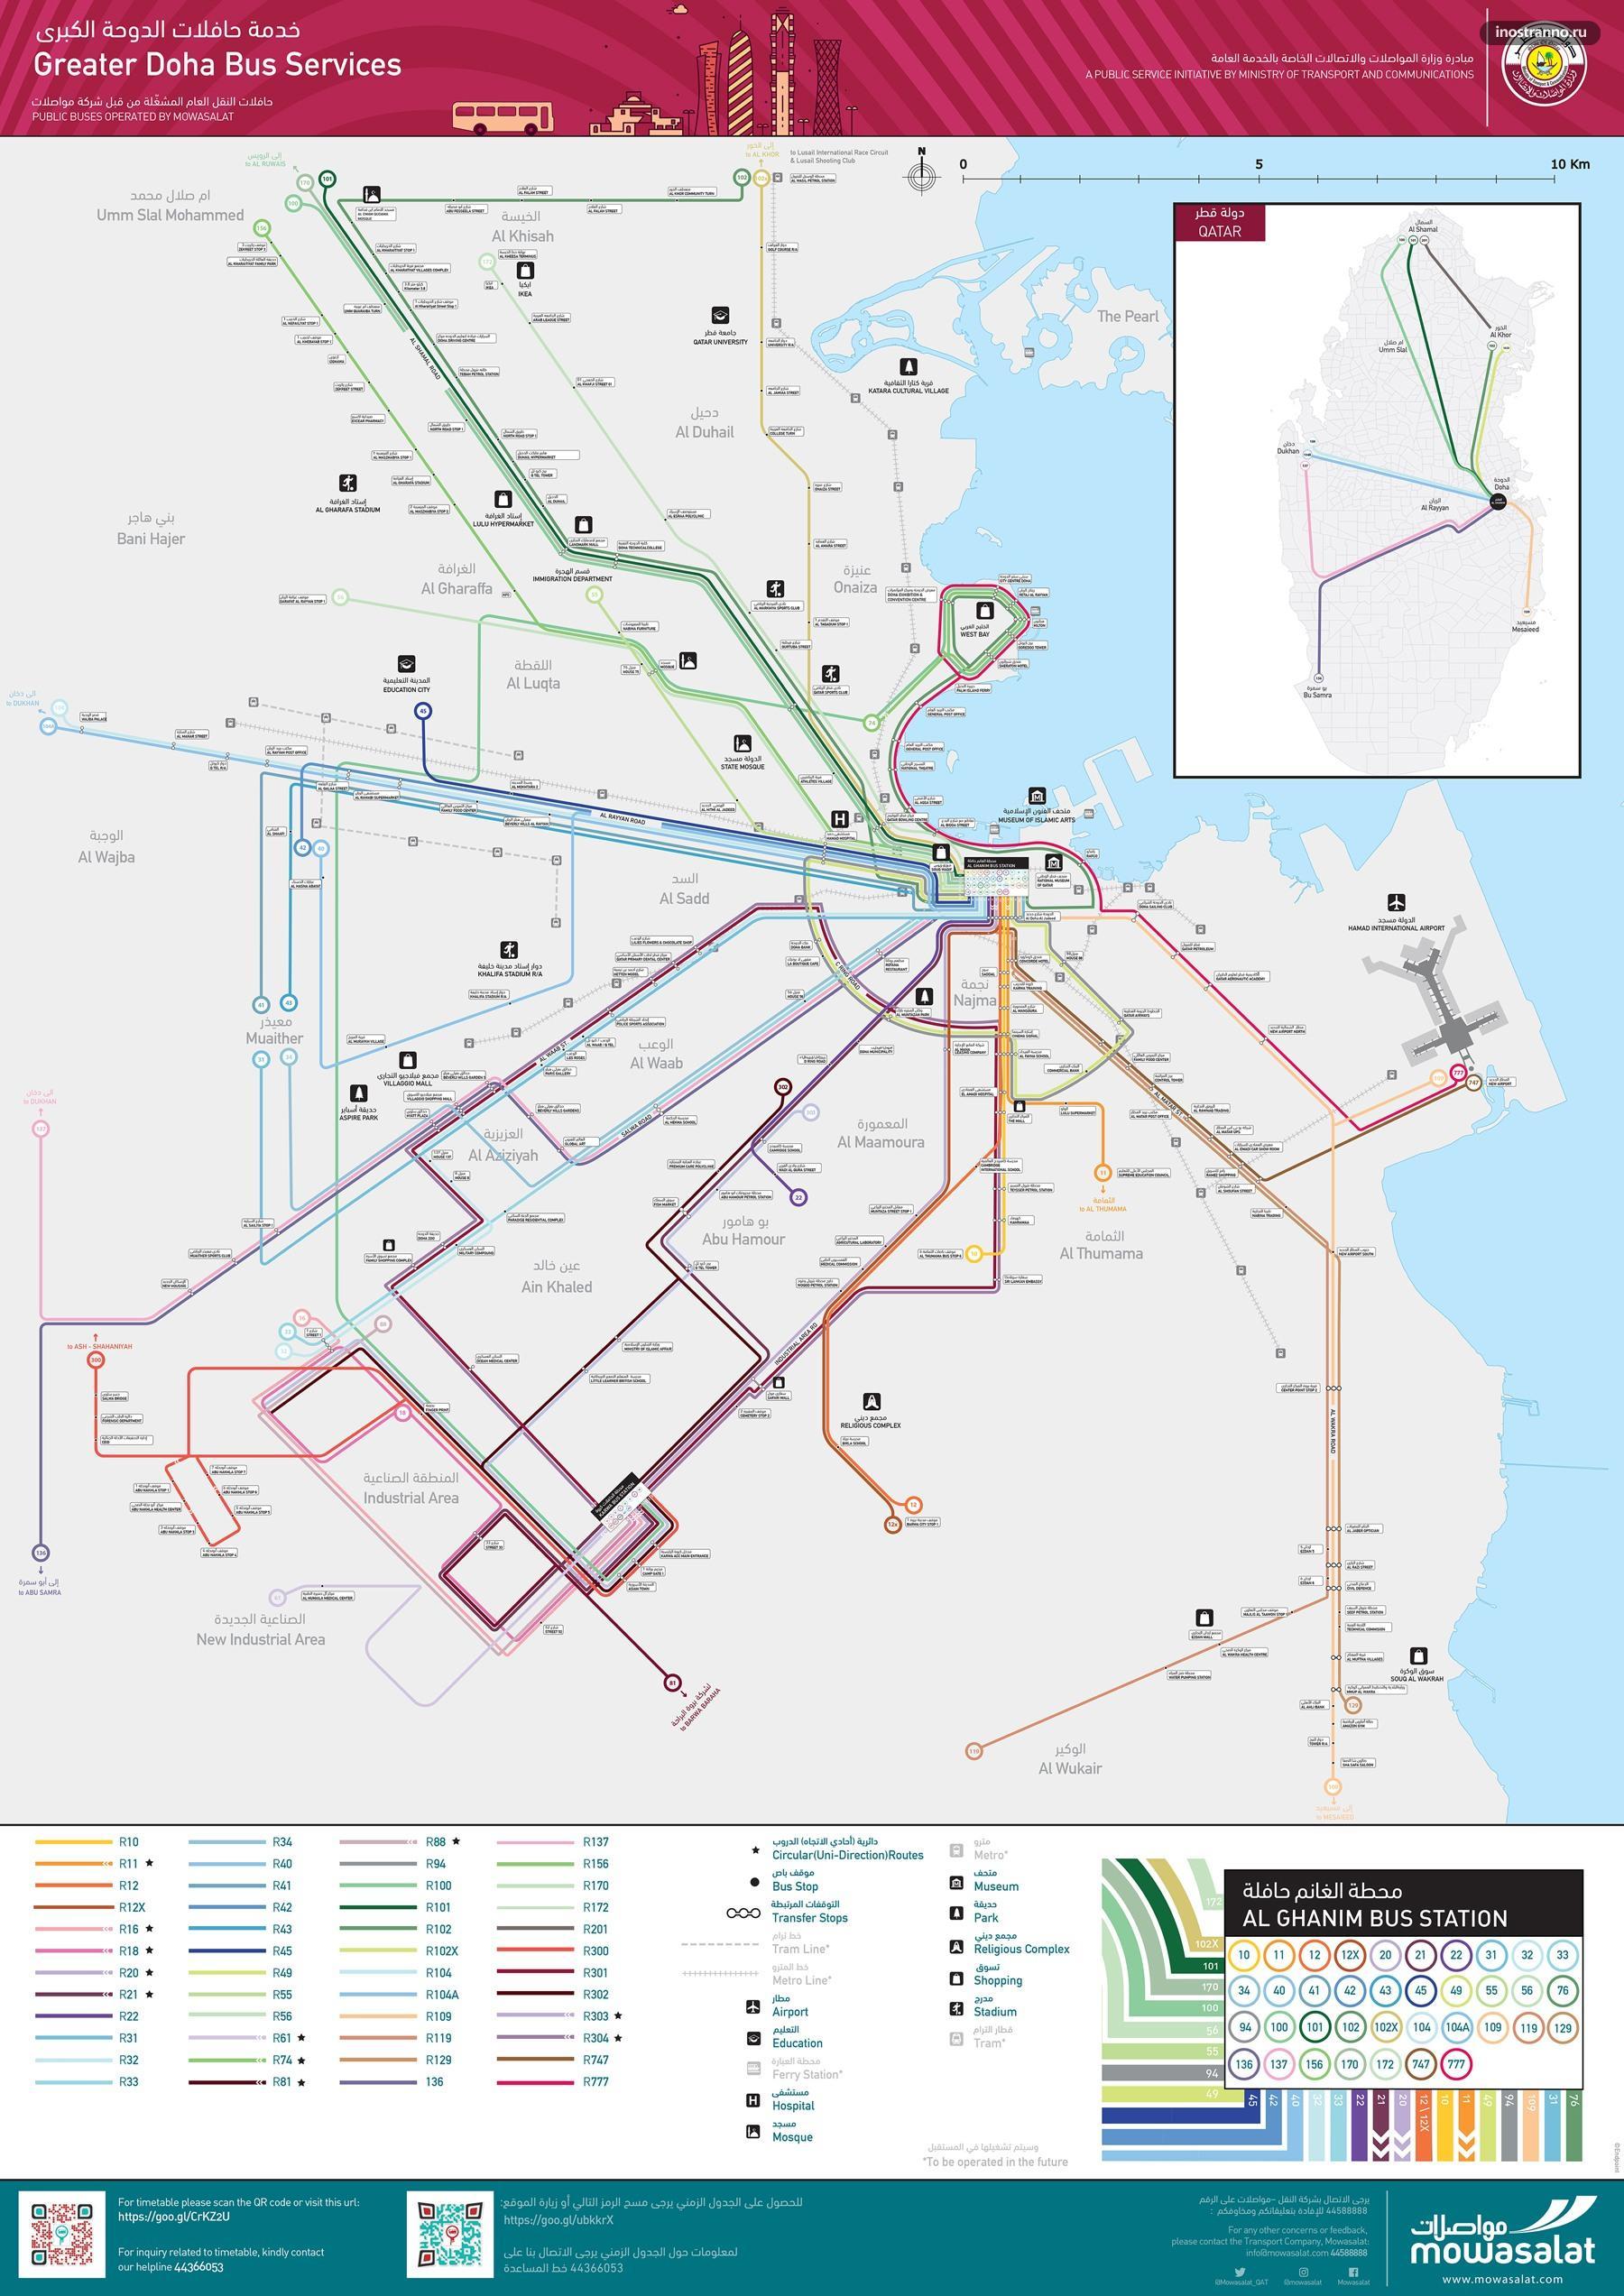 Маршруты автобусов в Дохе